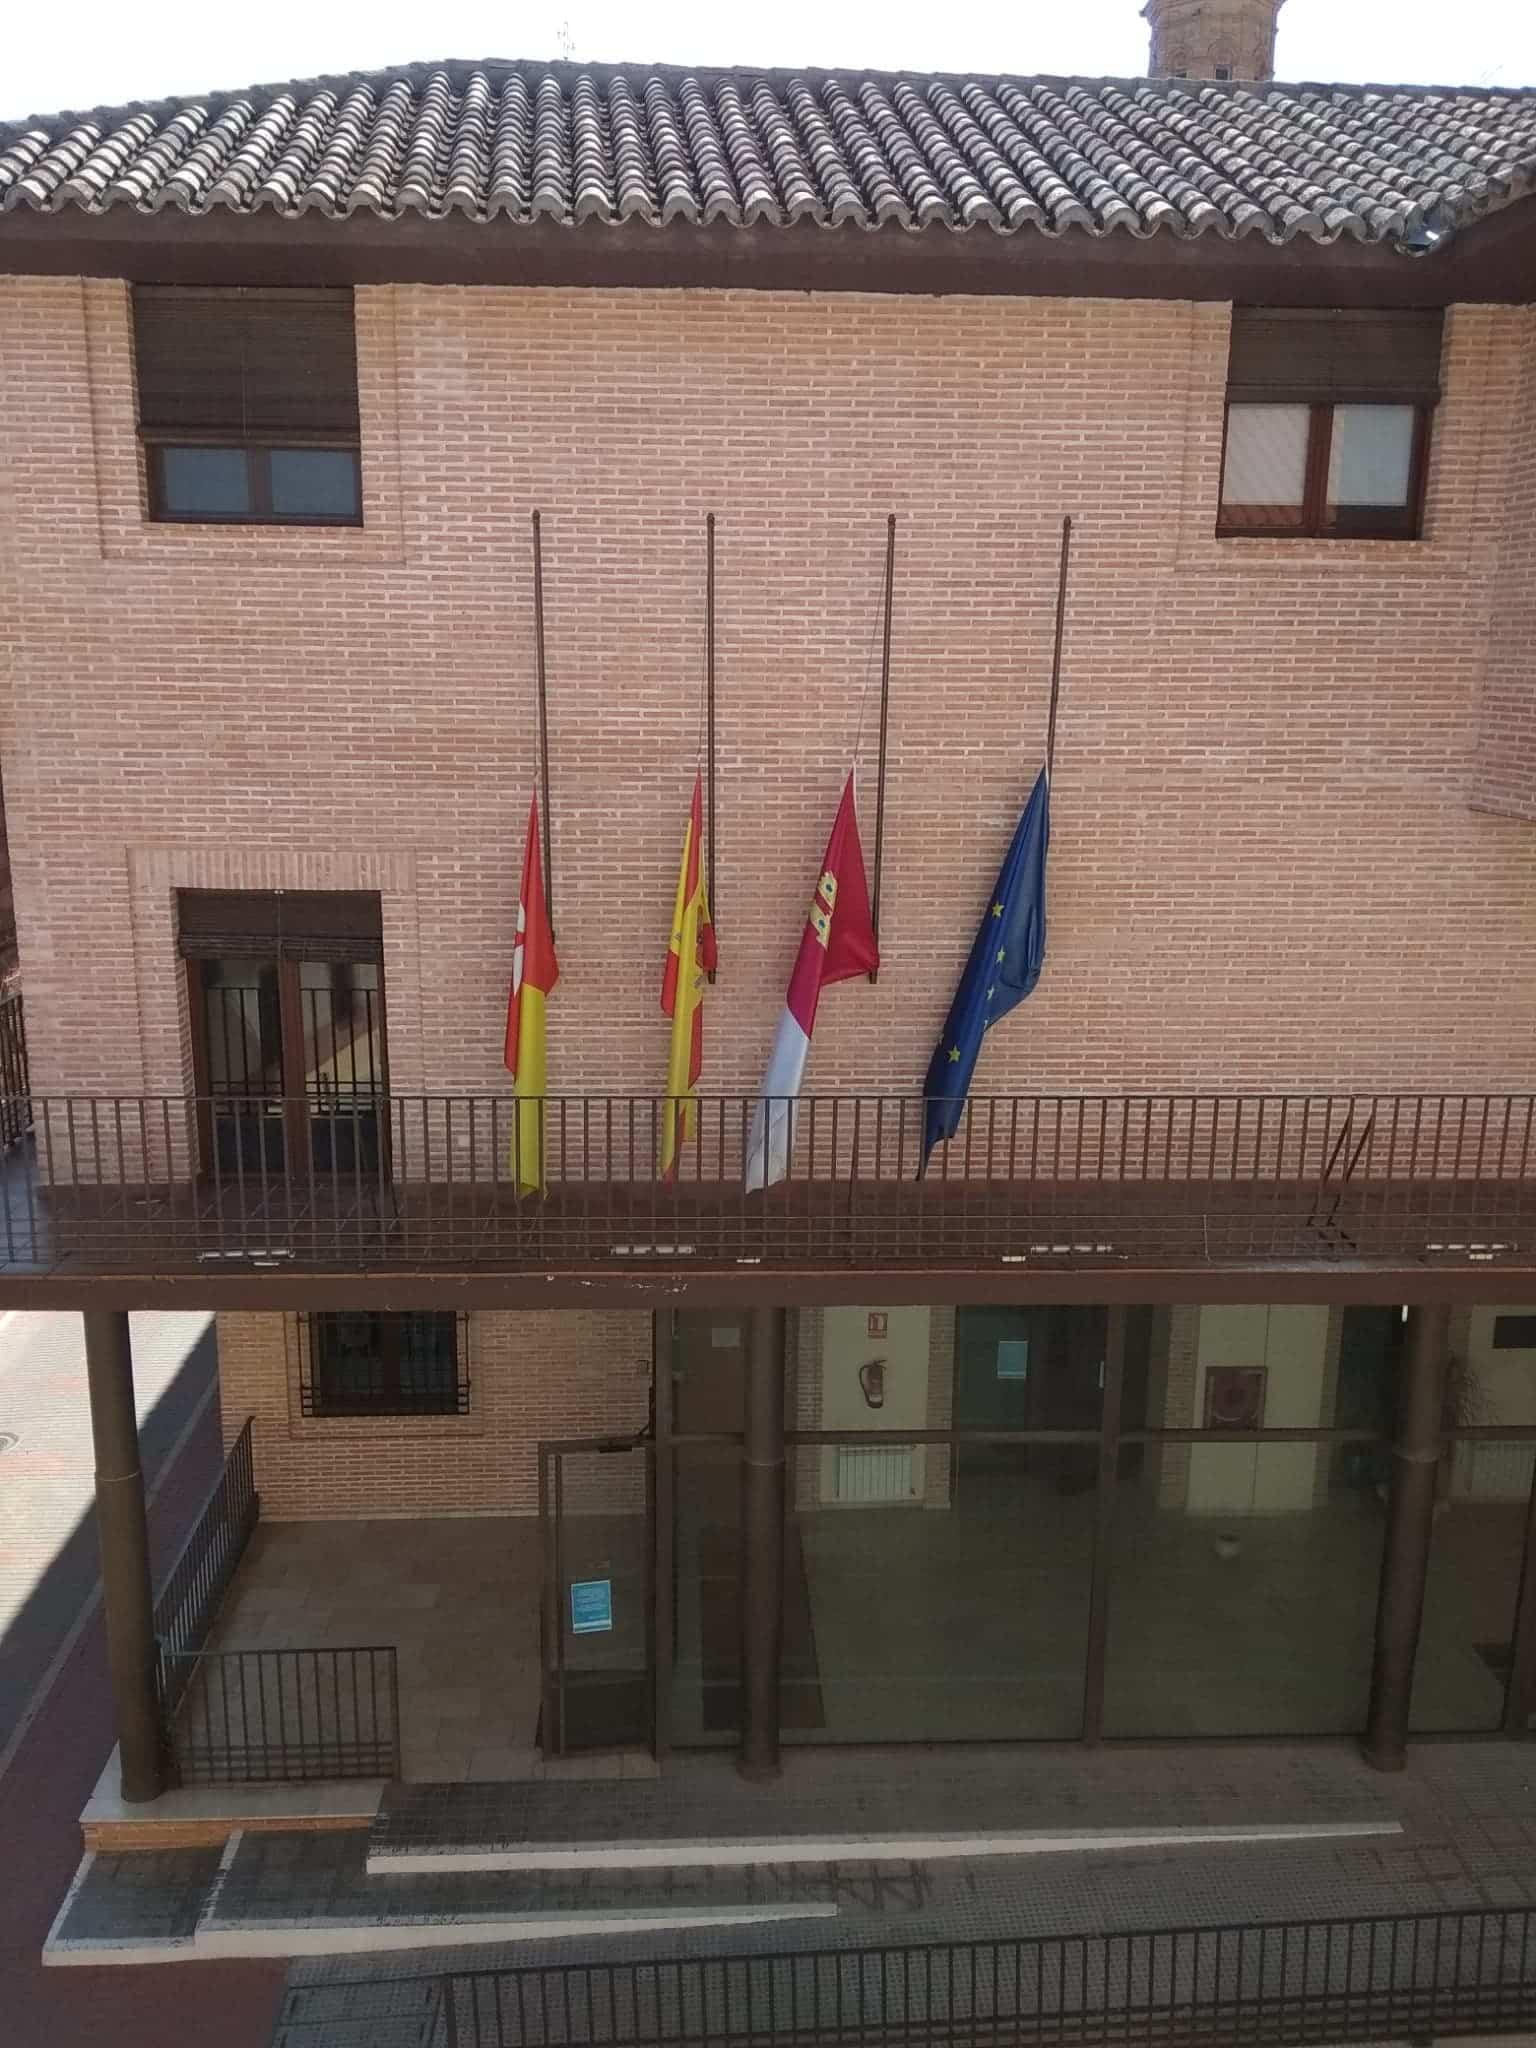 luto herencia ayuntamiento coronavirus - Luto oficial en Herencia por los fallecidos por coronavirus, banderas a media asta